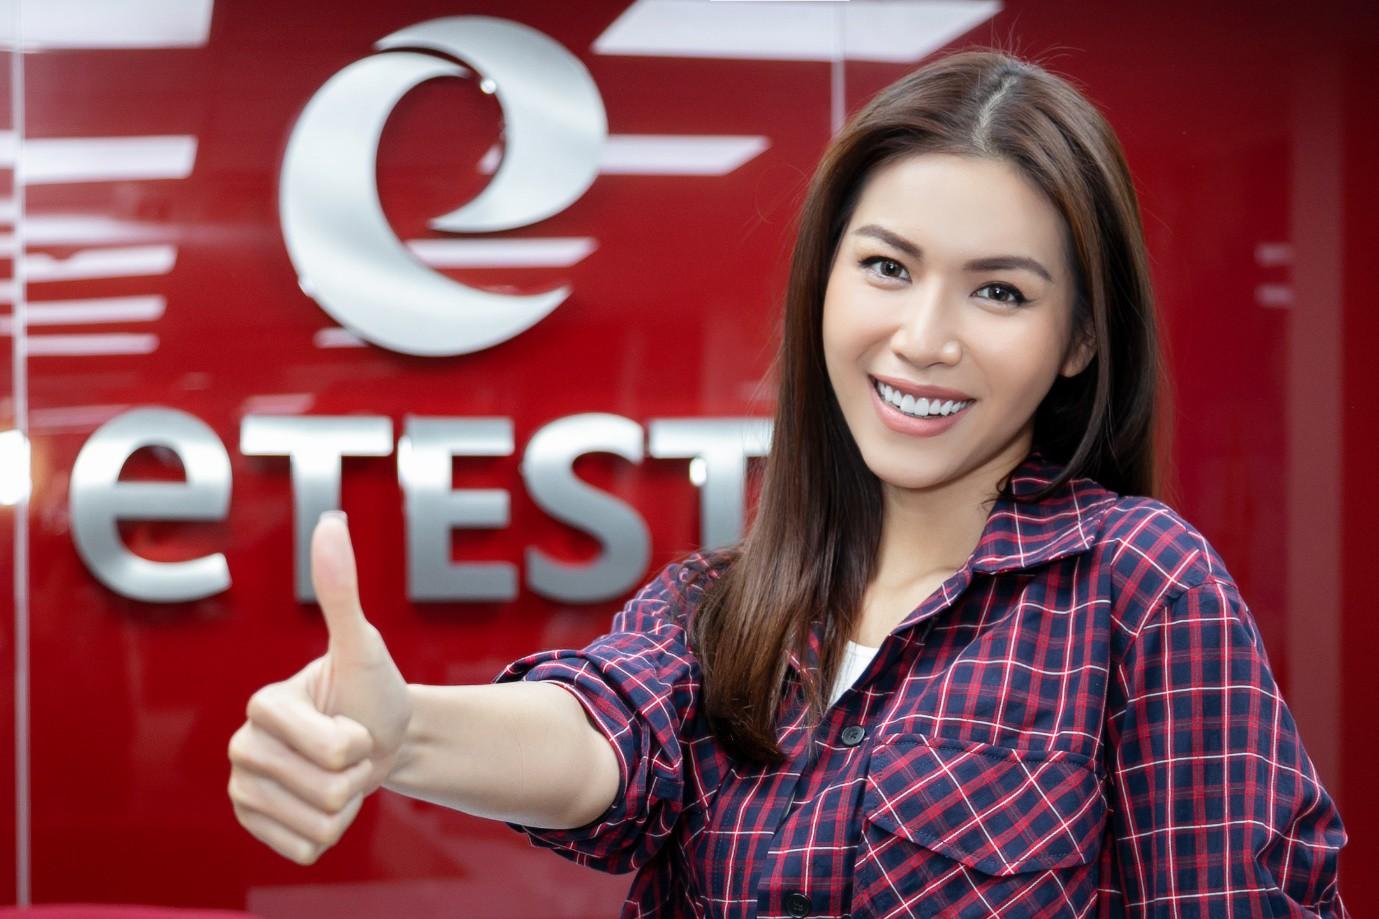 Minh Tú nói tiếng Anh ngày càng hoàn thiện, đây là nơi giúp cô trau dồi kỹ năng ngoại ngữ của mình! - Ảnh 1.